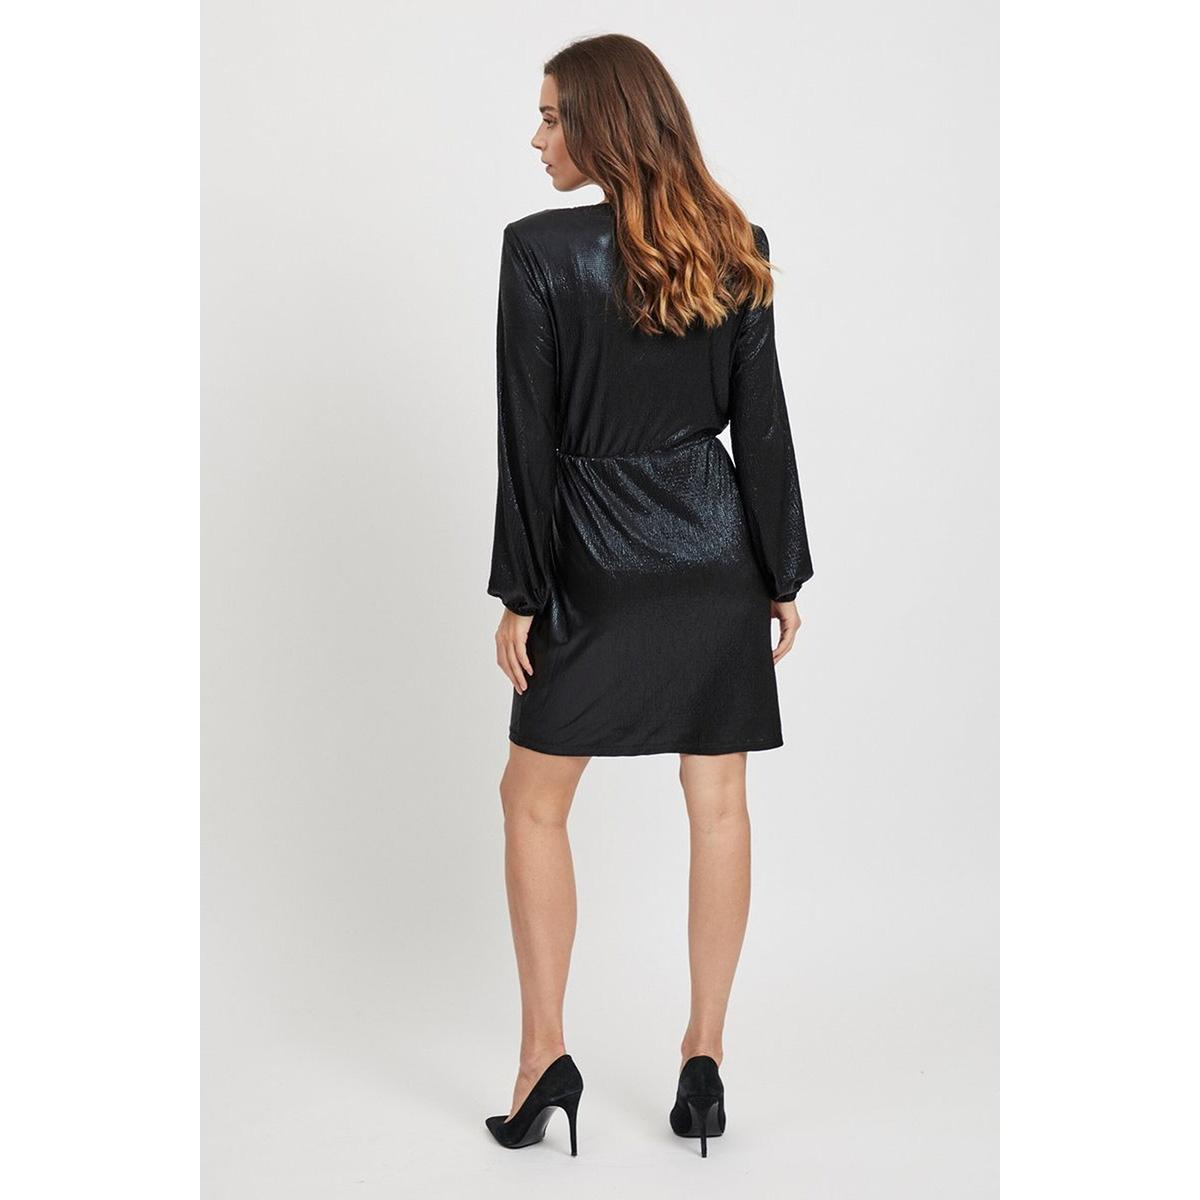 objshine l/s dress 106 23030704 object jurk black